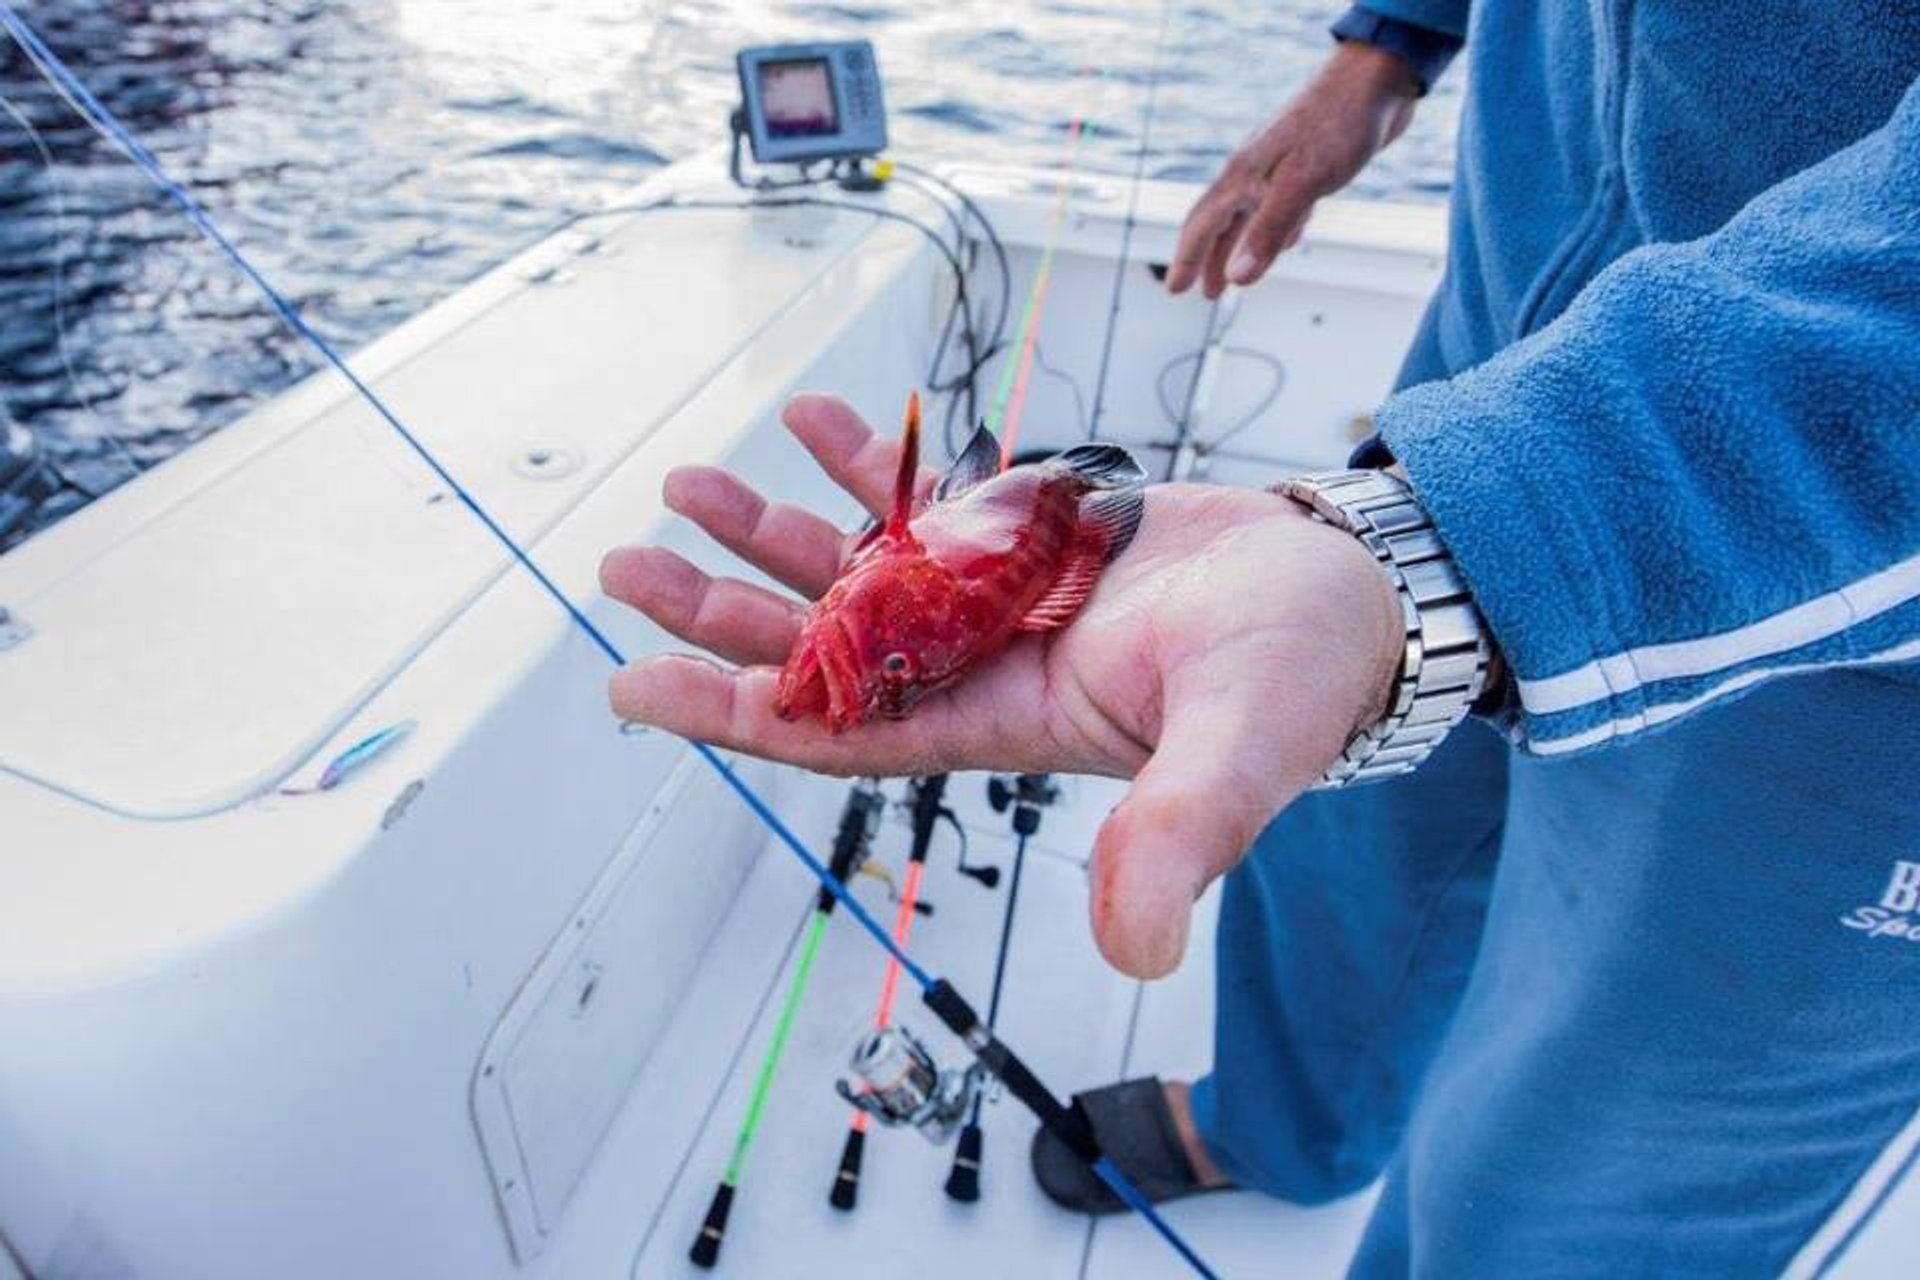 Fishing in Jordan 2019 - Best Time